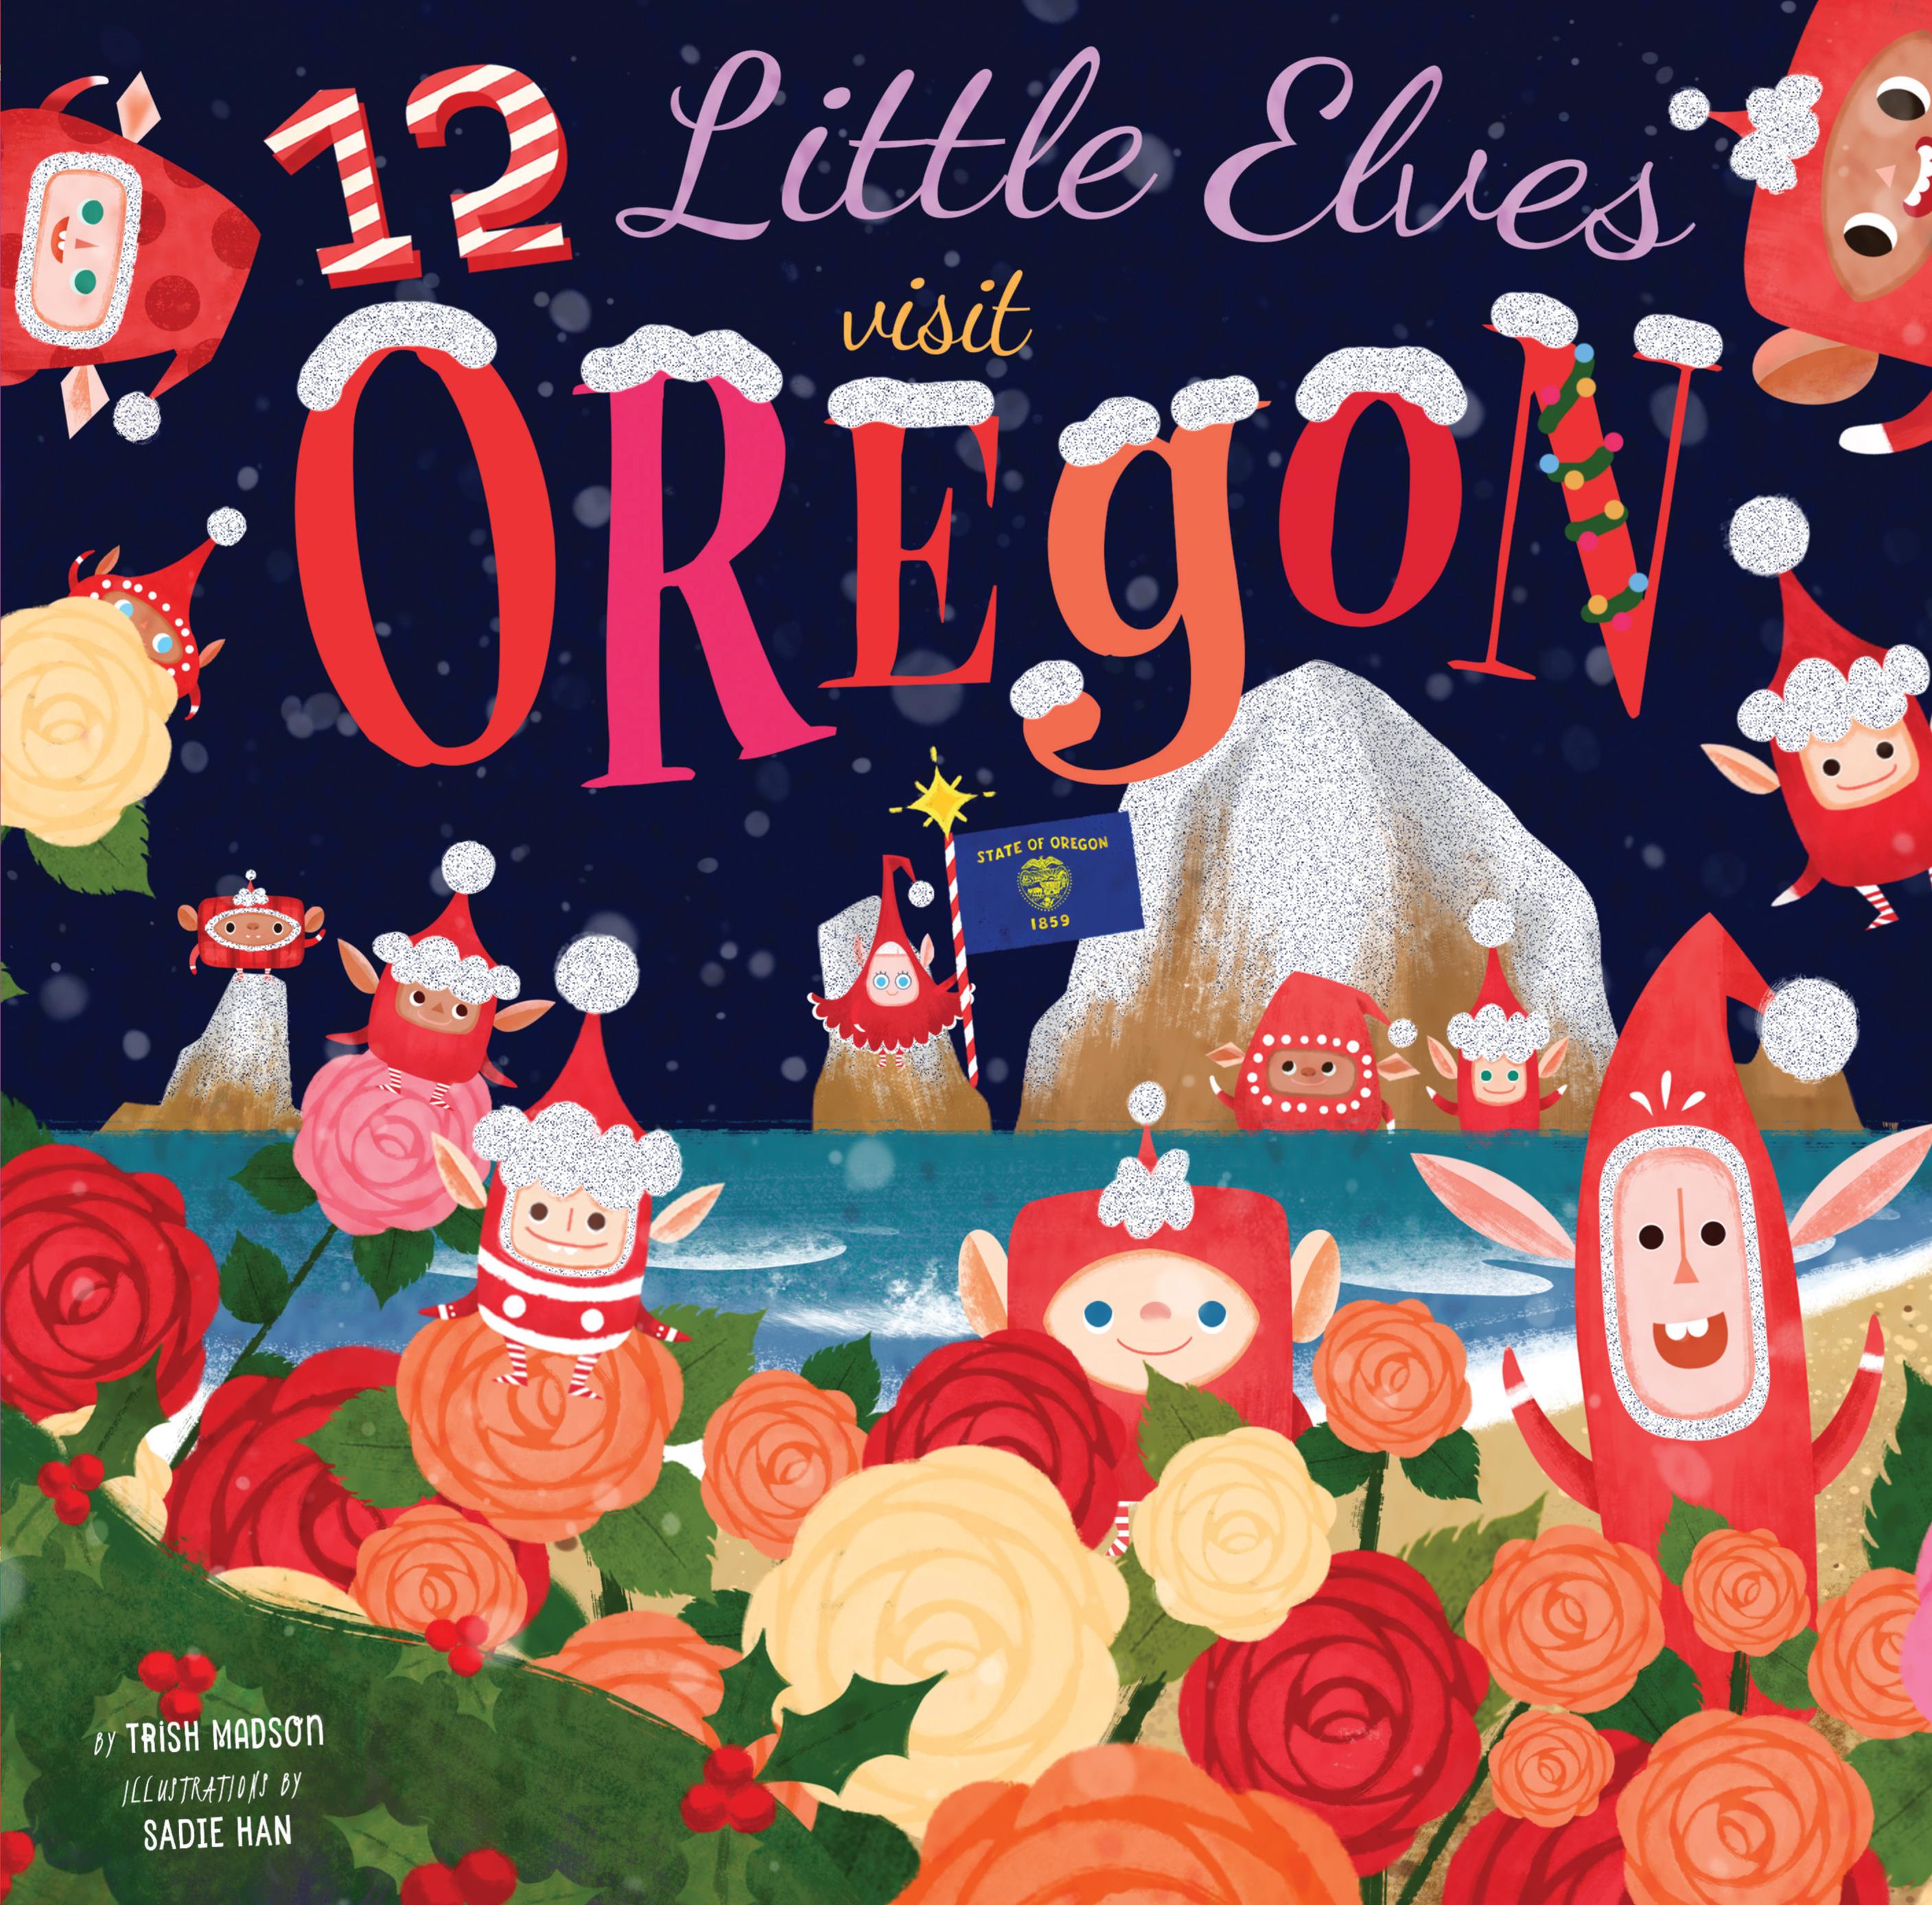 12 Little Elves Visit Oregon